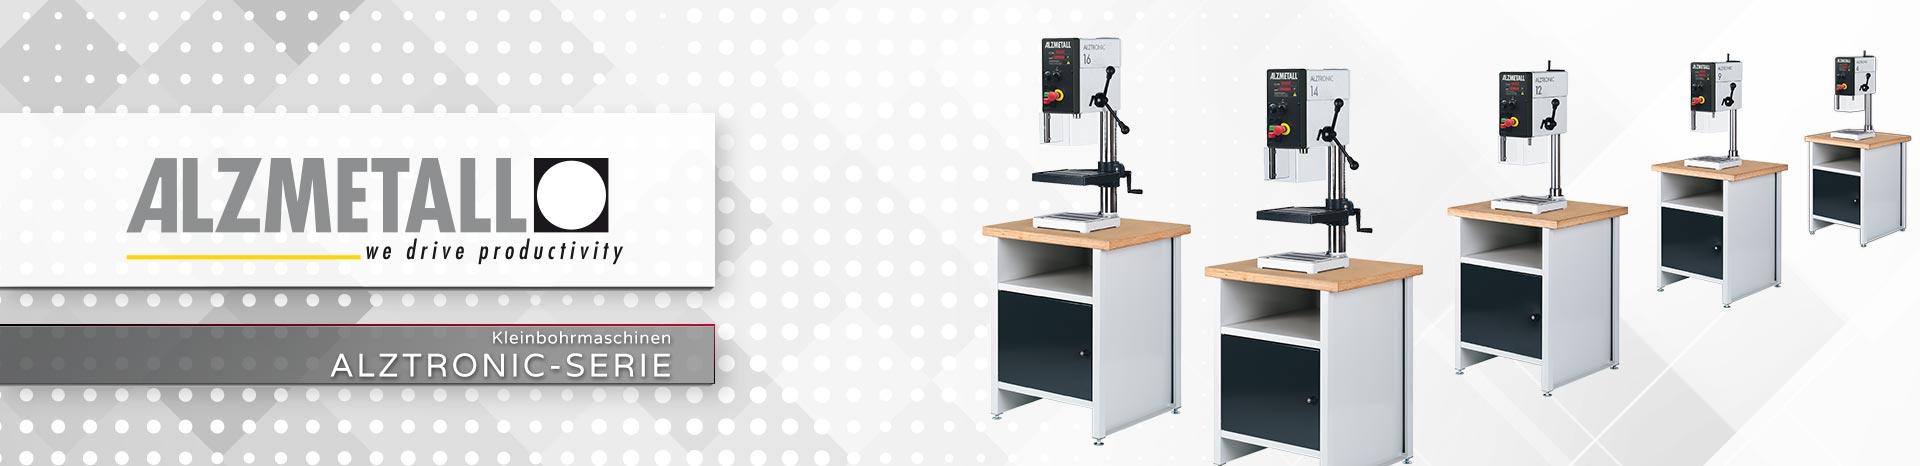 Die ALZTRONIC-Serie in der Übersicht | Säulen- und Tischbohrmaschinen